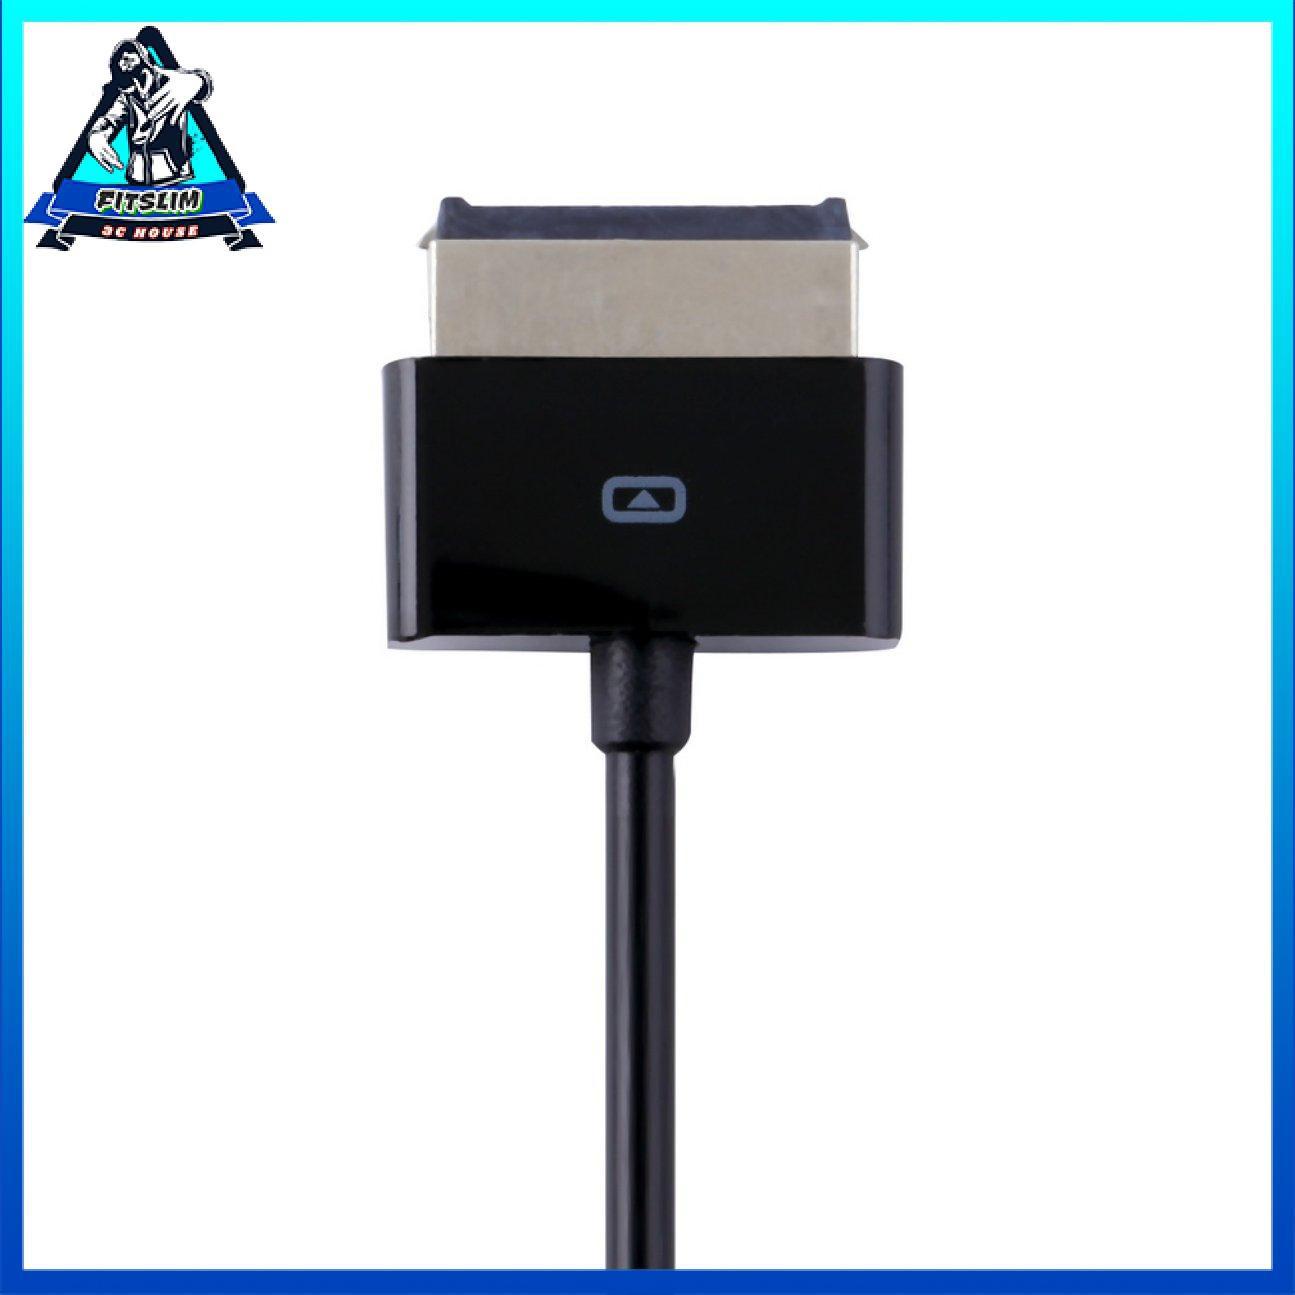 Cáp dữ liệu đồng bộ bộ sạc USB cho máy tính bảng ASUS Eee Pad Transformer  TF101 TF201